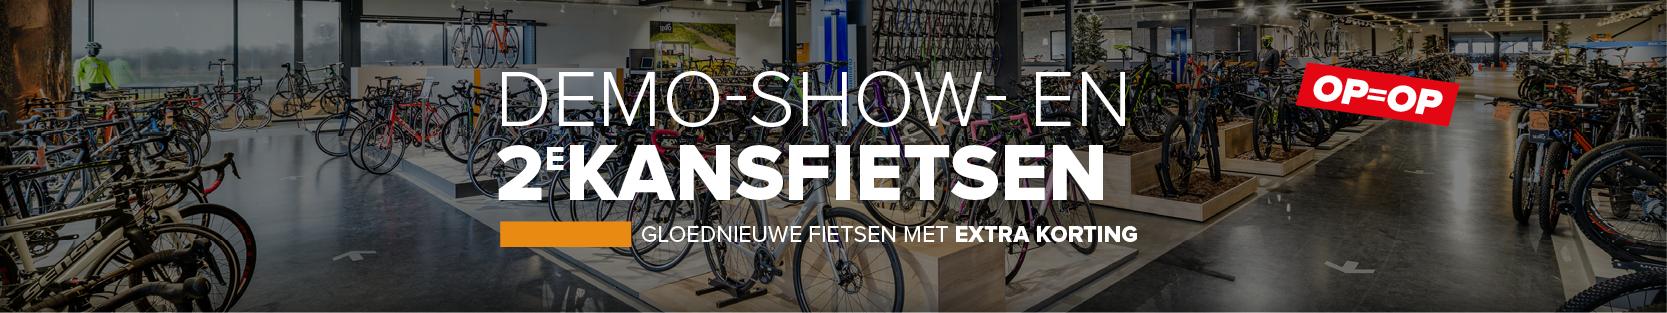 Demofietsen, showfietsen en tweedekans fietsen